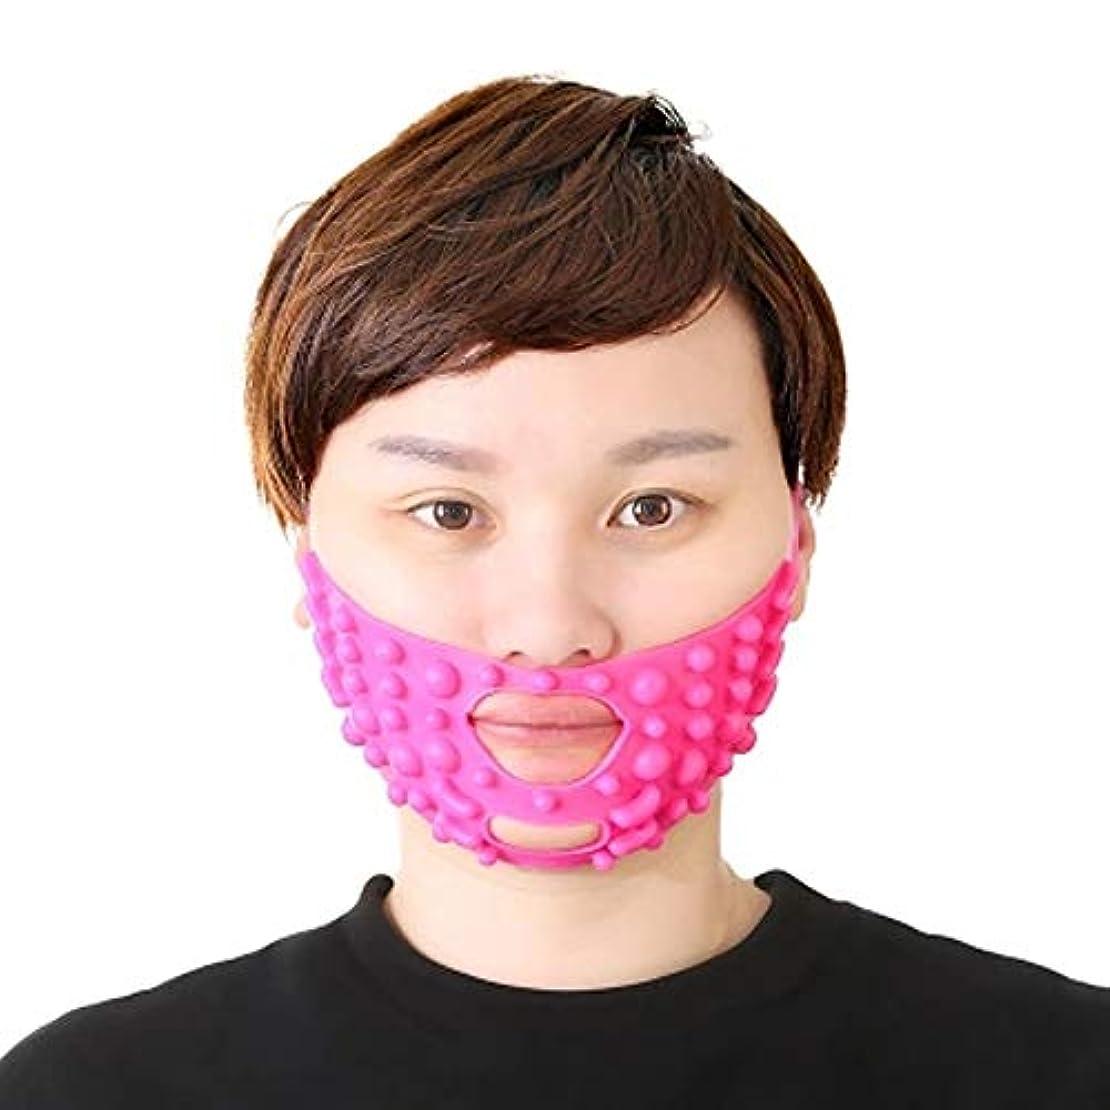 恐怖なくなる一杯ダブルの顎のストラップ、顔のマッサージの包帯を持ち上げて持ち上げて小さなVフェイスのマスク薄い顔の人工物